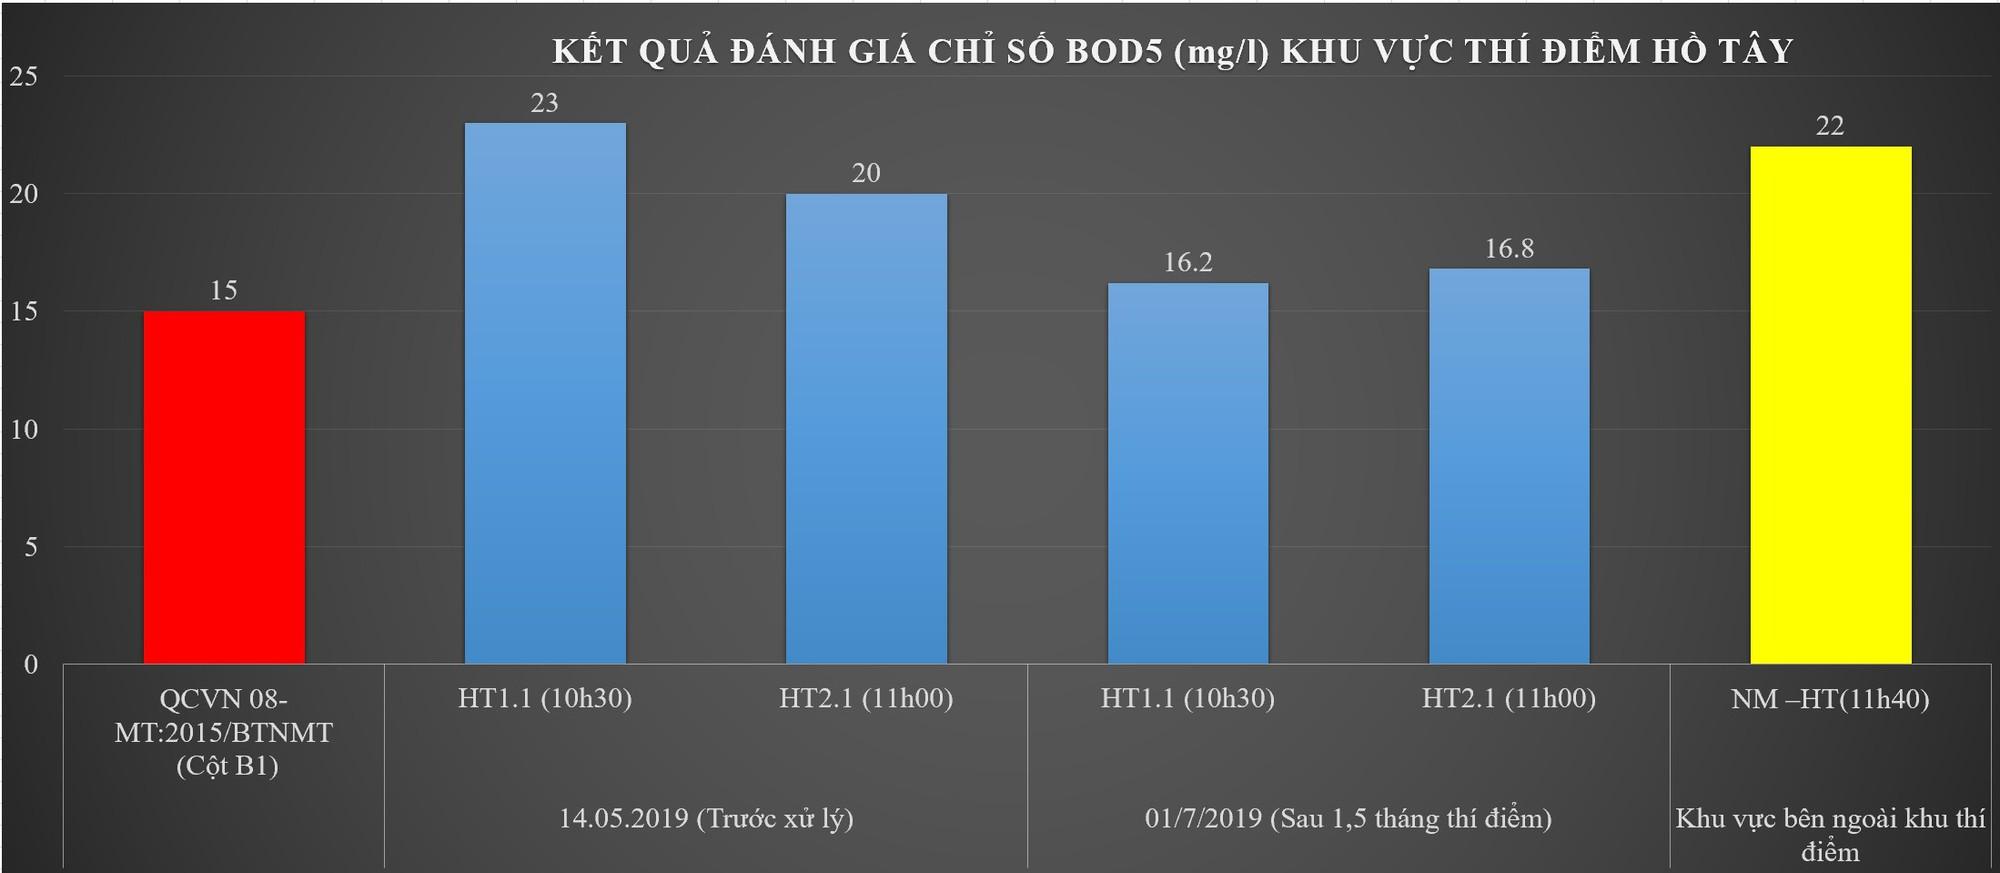 [Hồ Tây]-Hình 2 Đồ thị biểu thị nhu cầu oxy sinh hóa BOD5 giảm tiệm cận cột B1-QCVN08